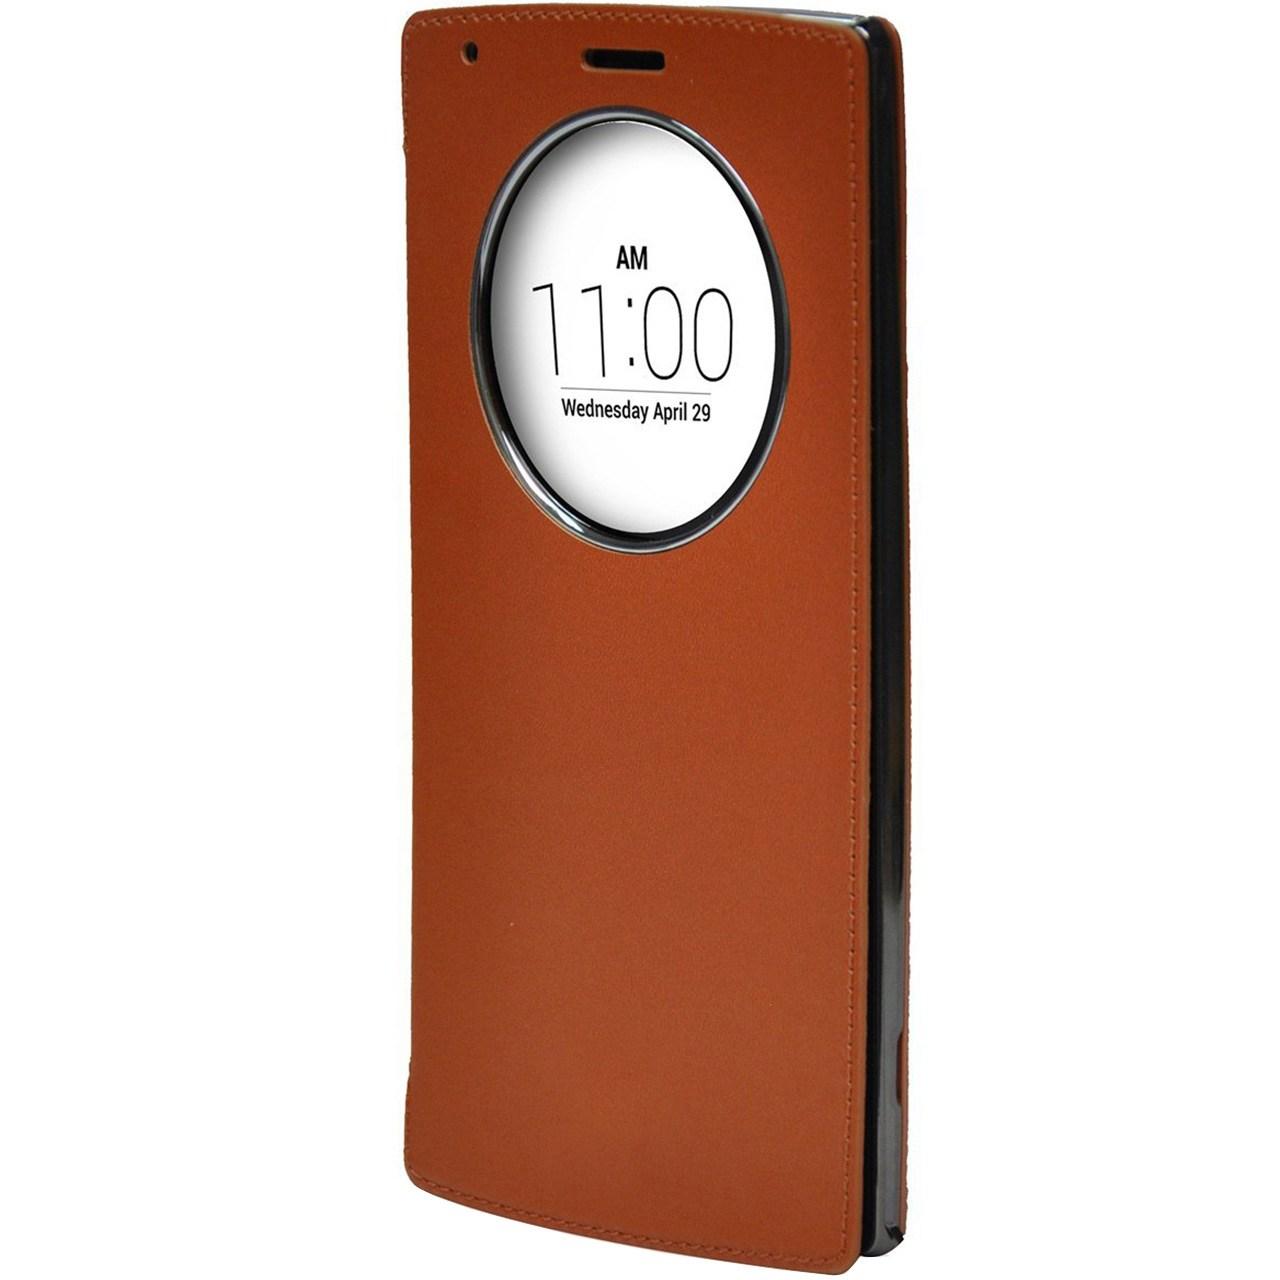 کیف کلاسوری وویا مدل Skin Shield Quick Circle مناسب برای گوشی موبایل ال جی G4 Stylus